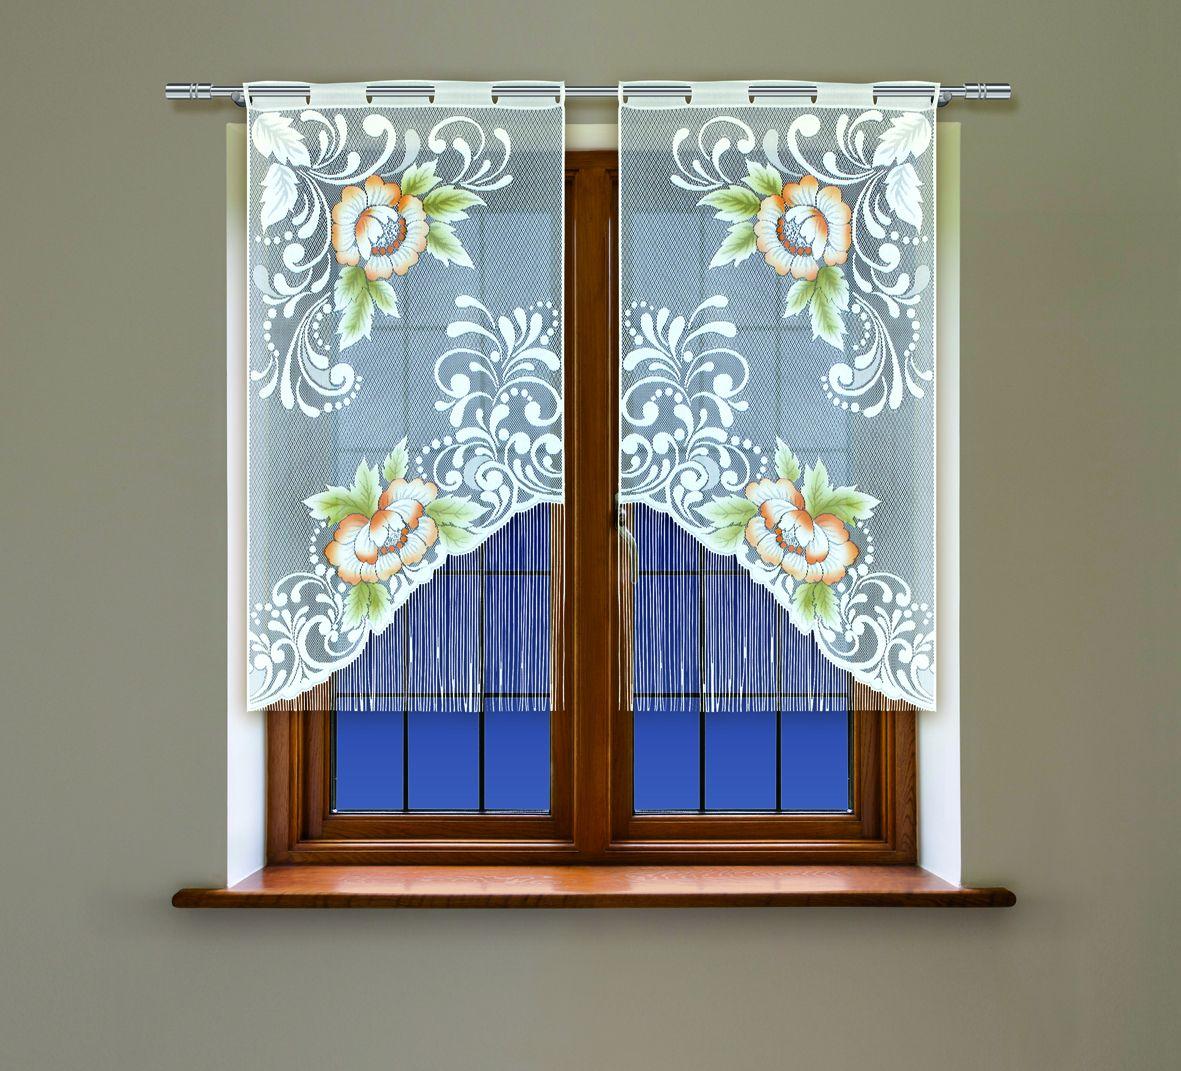 Комплект гардин Haft, на петлях, цвет: белый, высота 160 см, 2 шт. 4219С4219С/60Воздушные гардины Haft великолепно украсят любое окно. Комплект состоит из двух гардин, выполненных из полиэстера. Изделие имеет оригинальный дизайн и органично впишется в интерьер помещения. Комплект крепится на карниз при помощи петель.